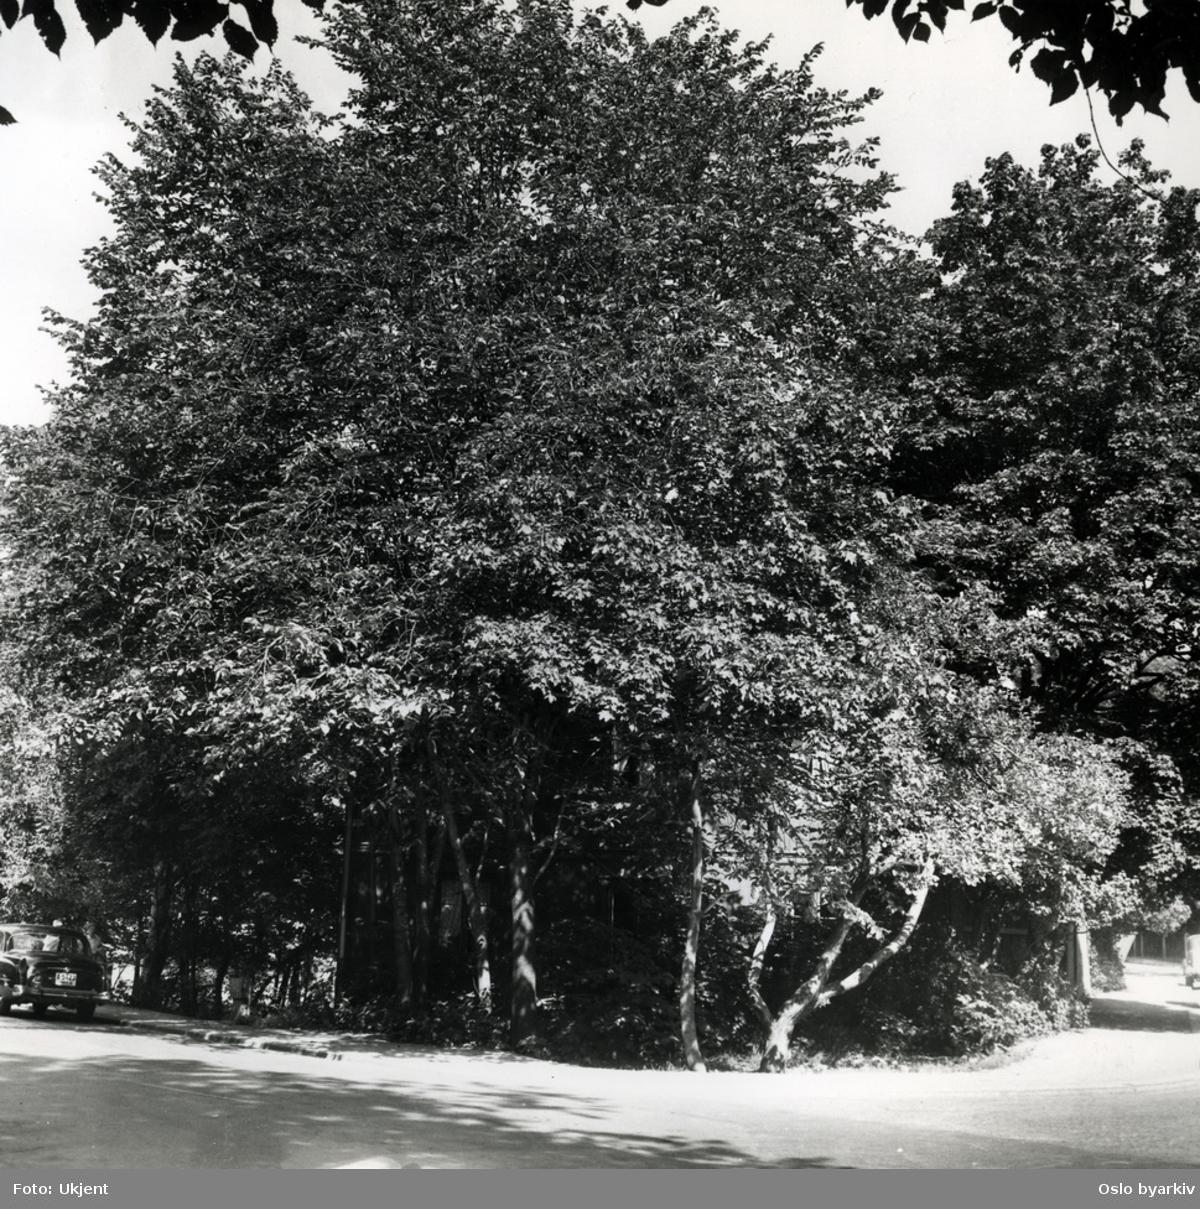 Trær på eiendommen Fagerborggata 10 - 12.